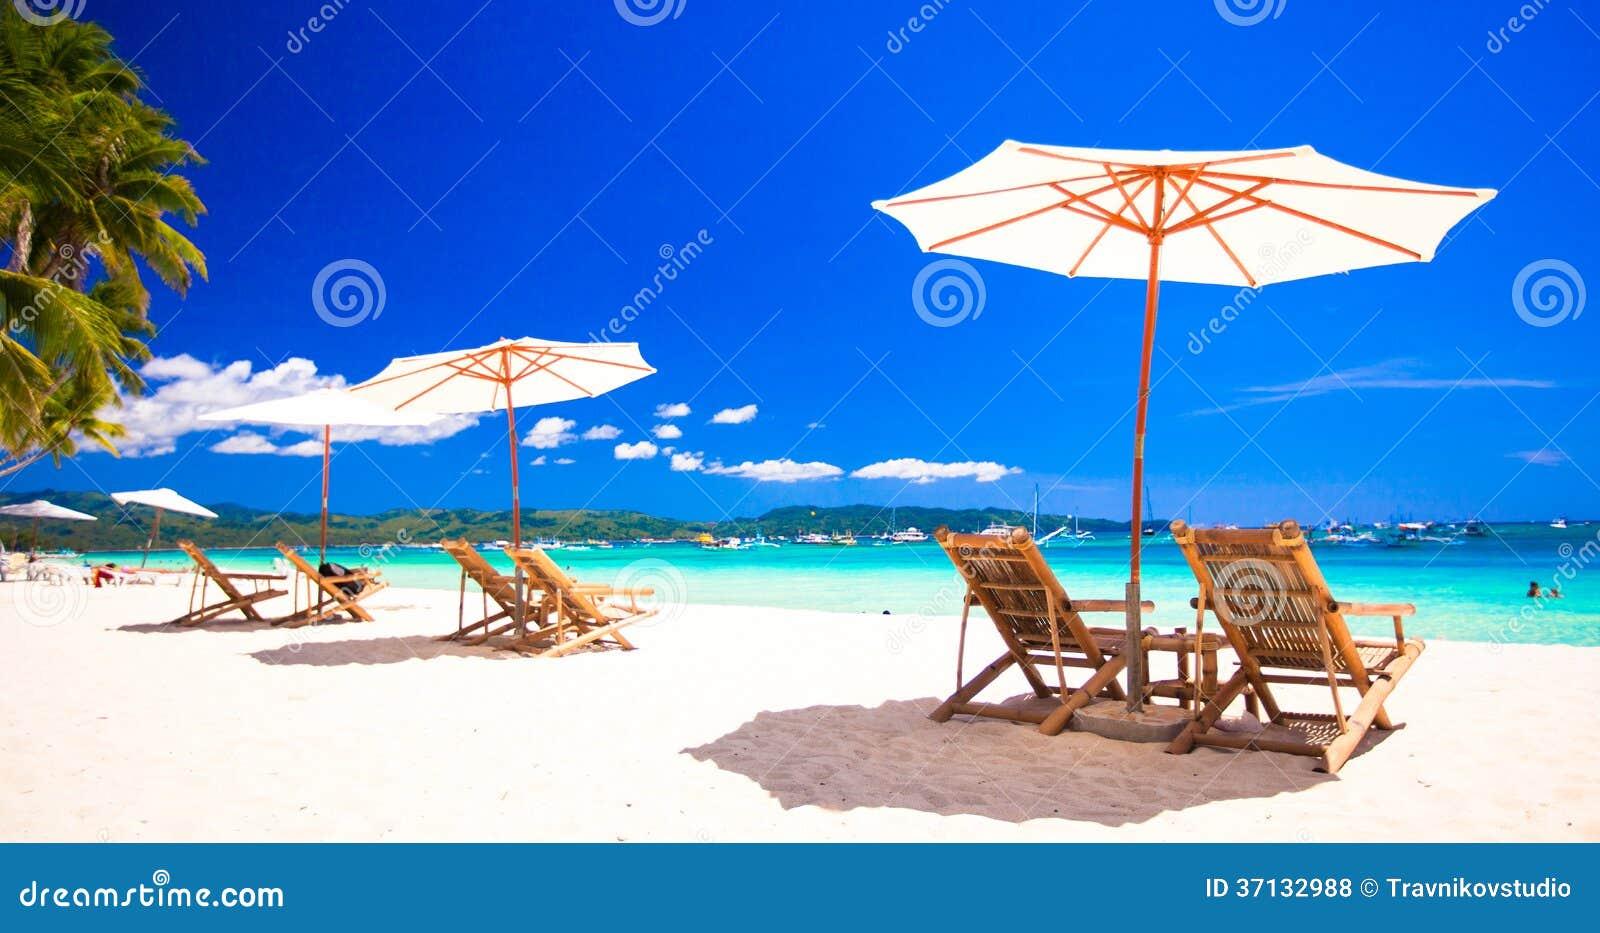 Tropical Beach Chairs Beach chairs on exotic